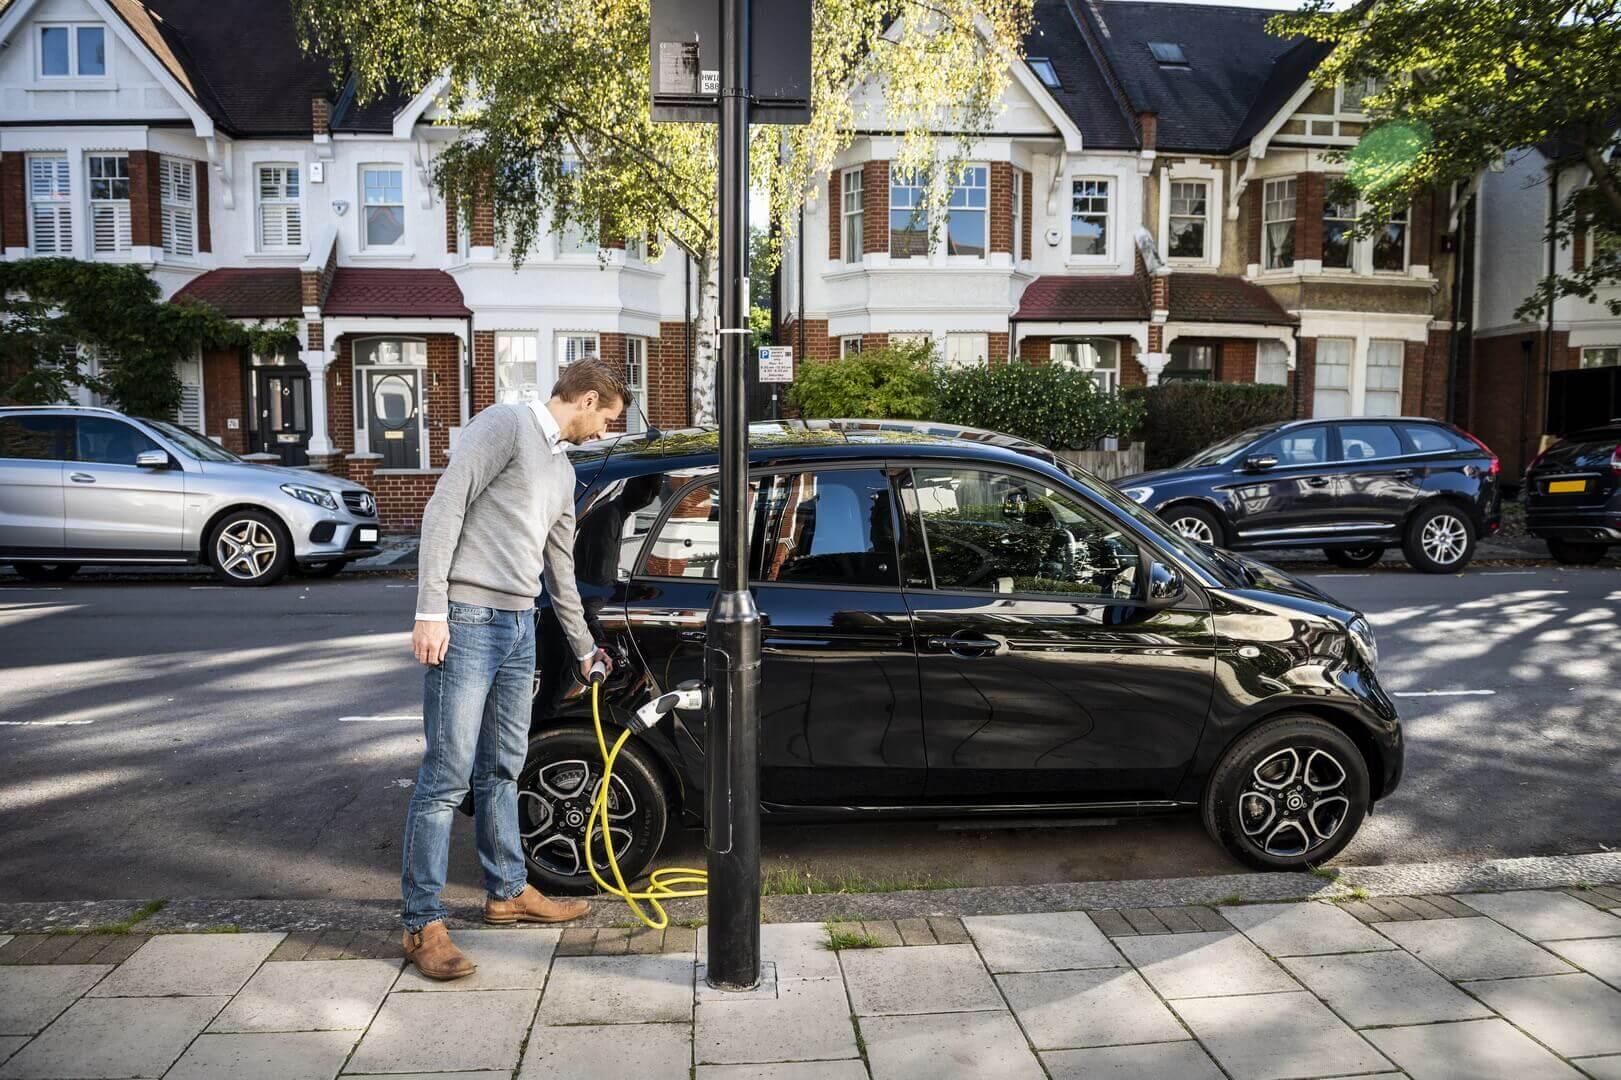 Shell покупает ведущего оператора зарядных станций для электромобилей в Великобритании